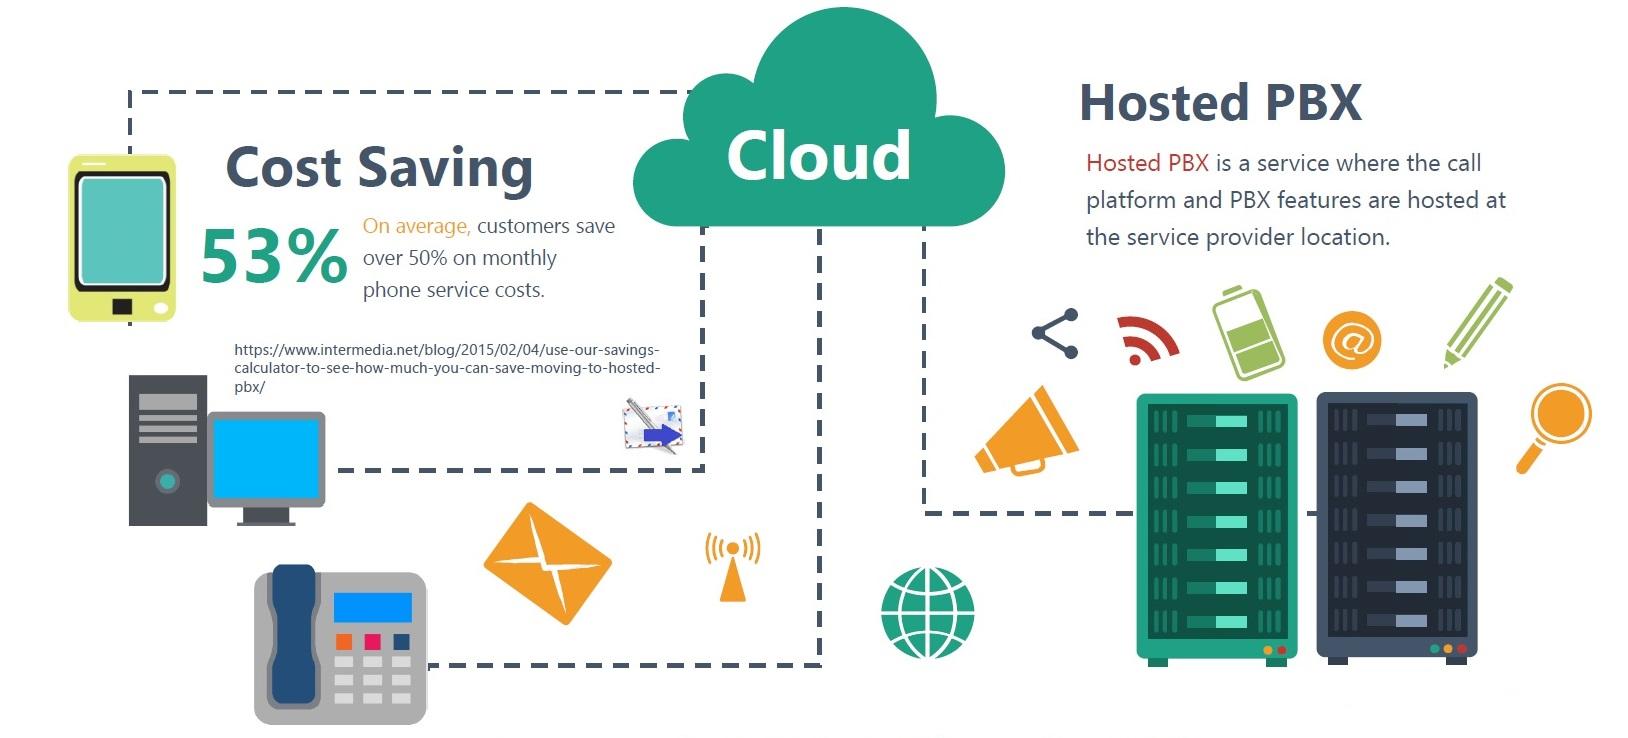 telefonix Hosted PBX or Cloud PBX